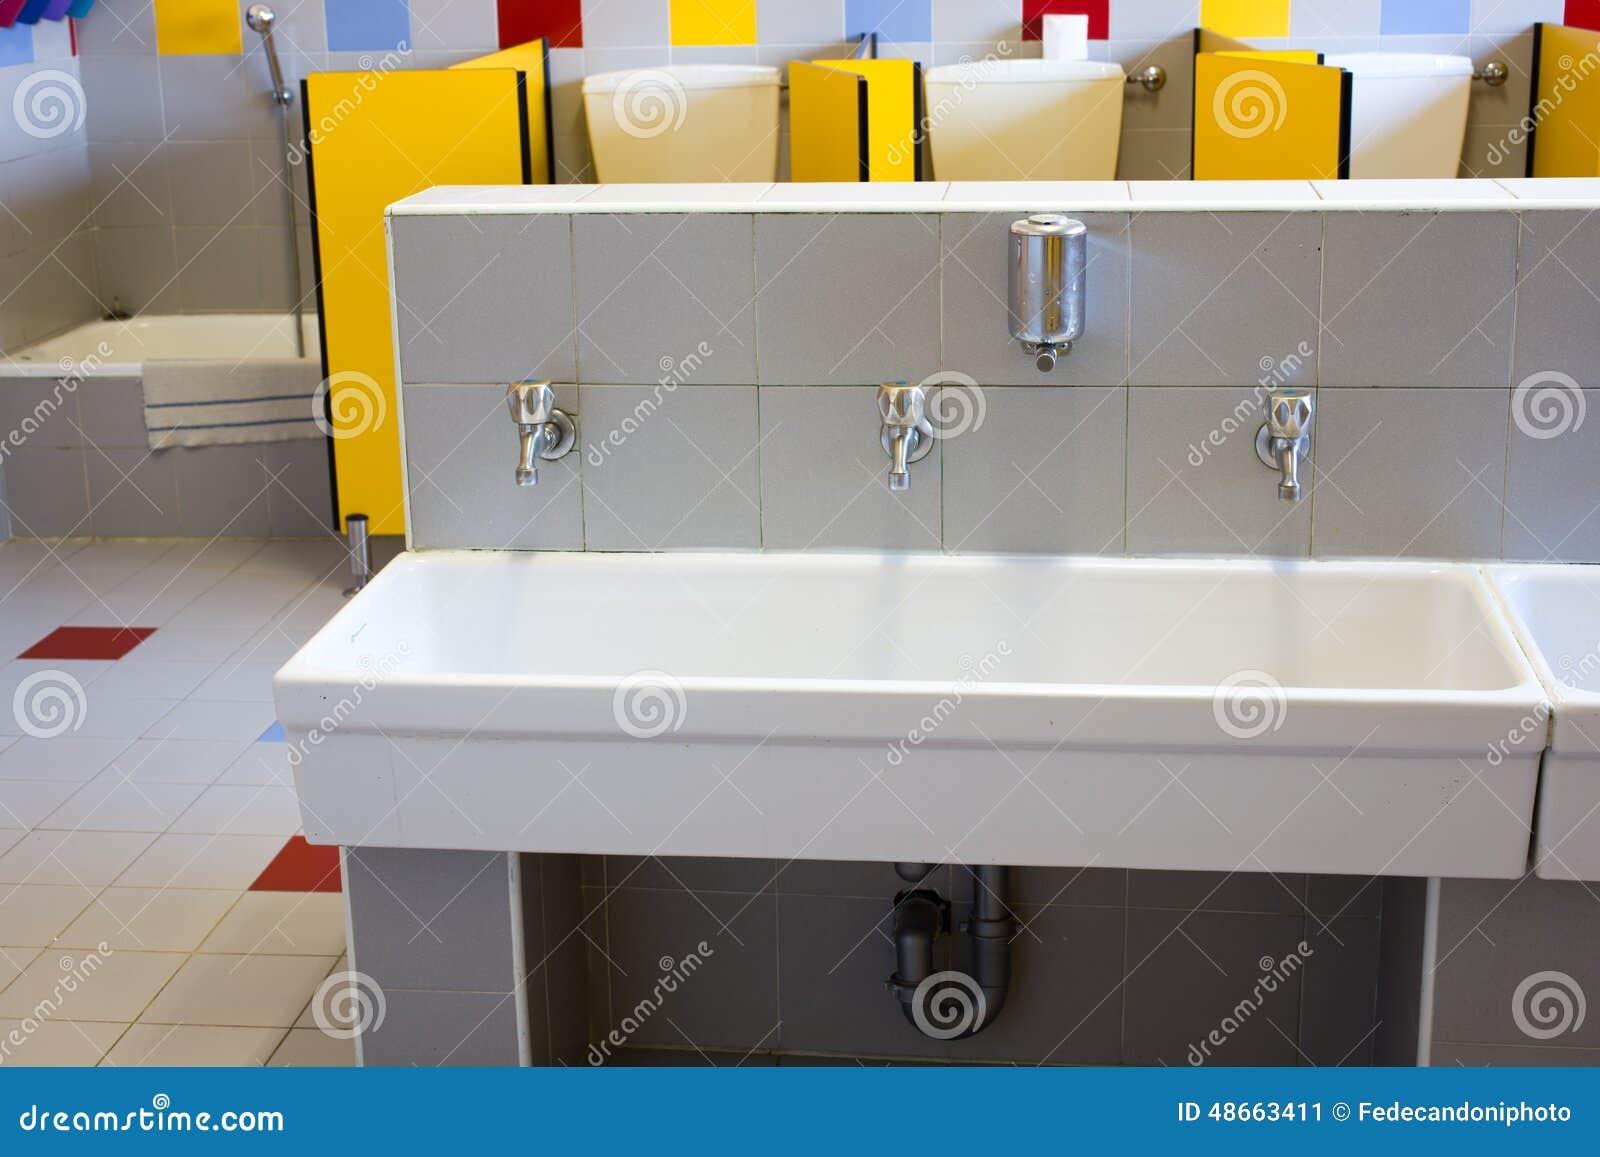 Badezimmer Einer Schule Fur Kinder Mit Niedrigen Keramischen Wannen